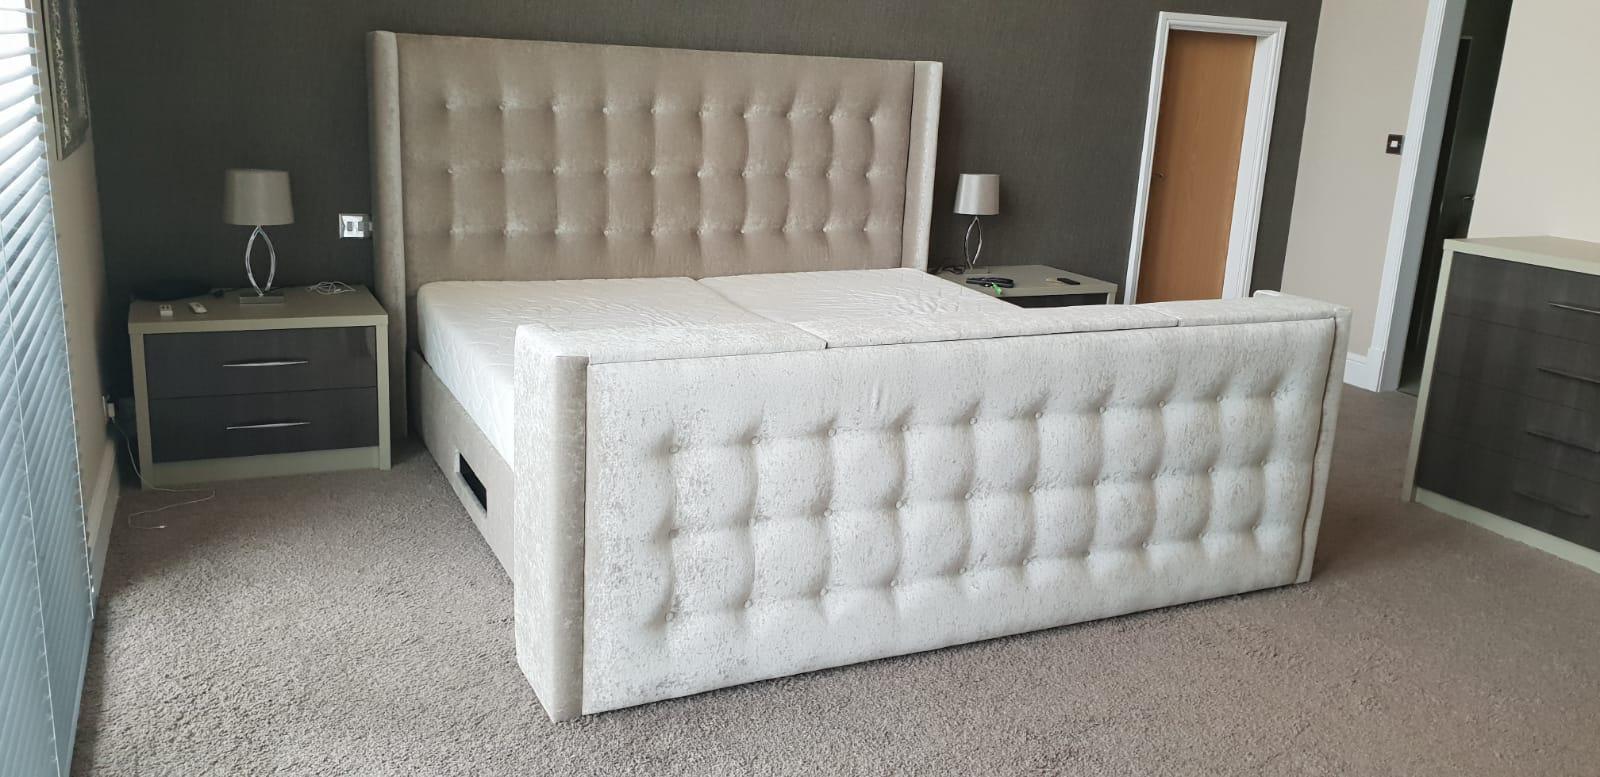 Emperor TV Bed - 7'0 wide